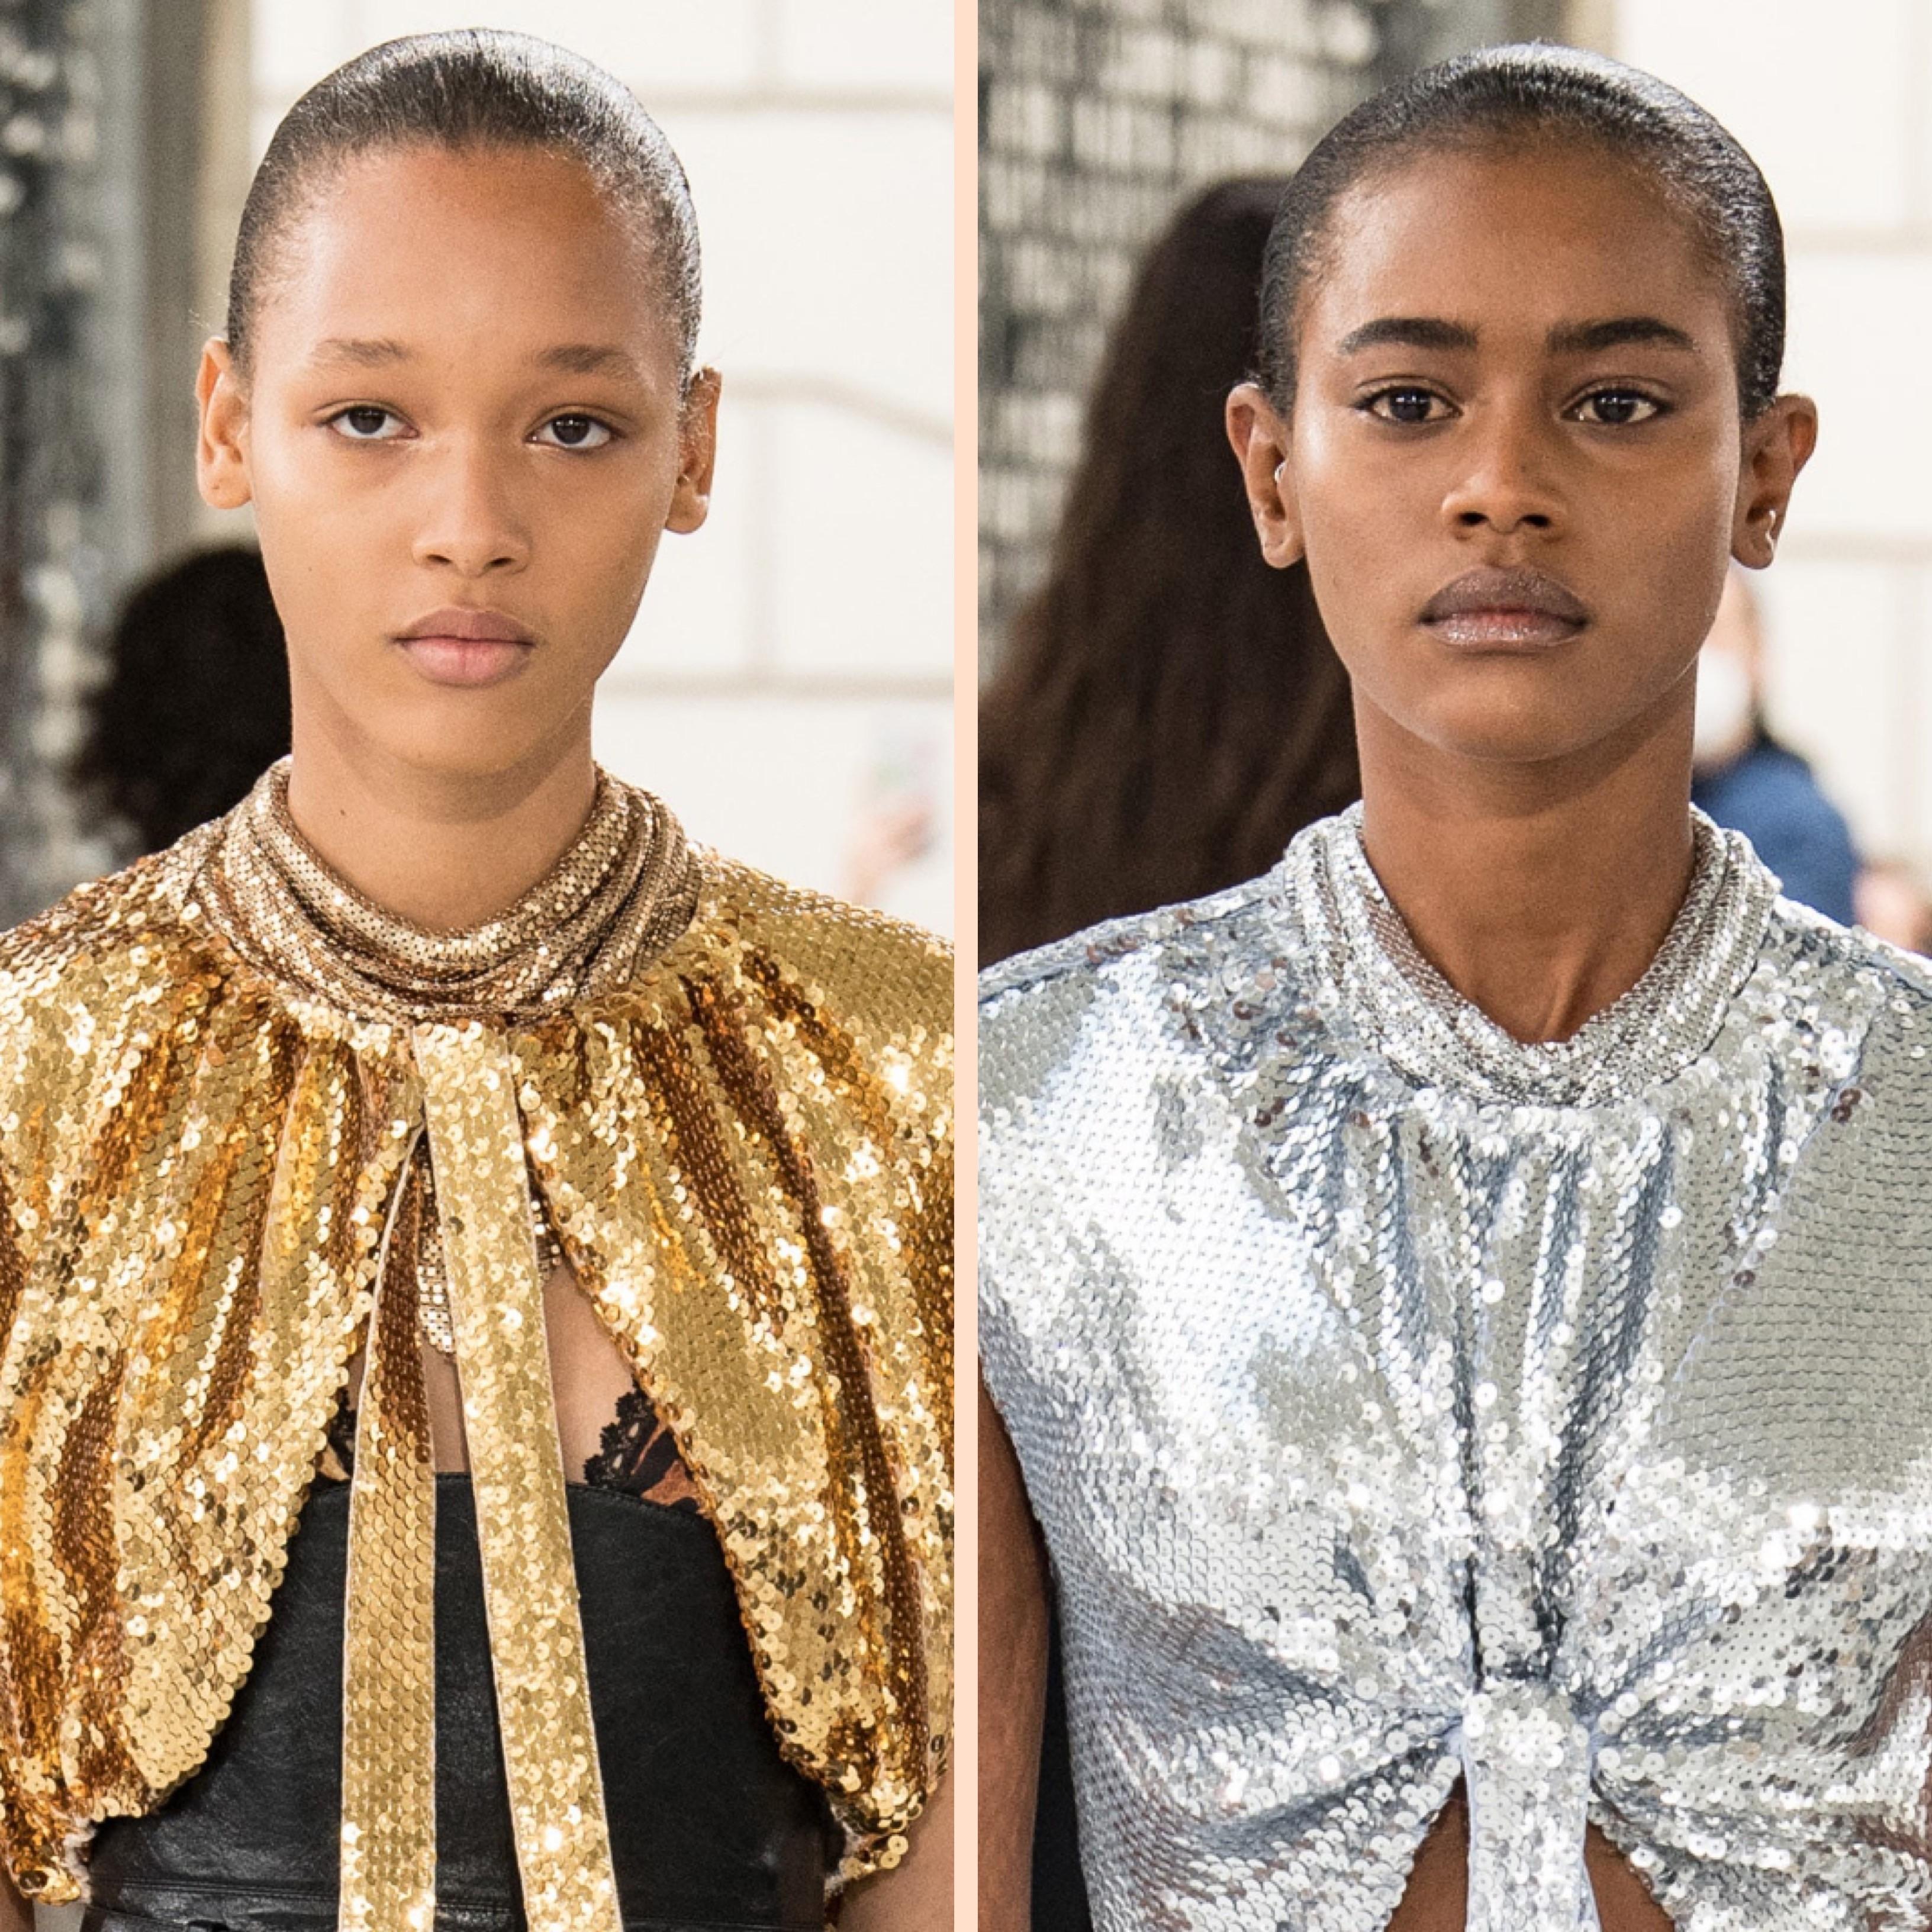 Semana de moda de Paris: Paco Rabane (Foto: Divulgação )